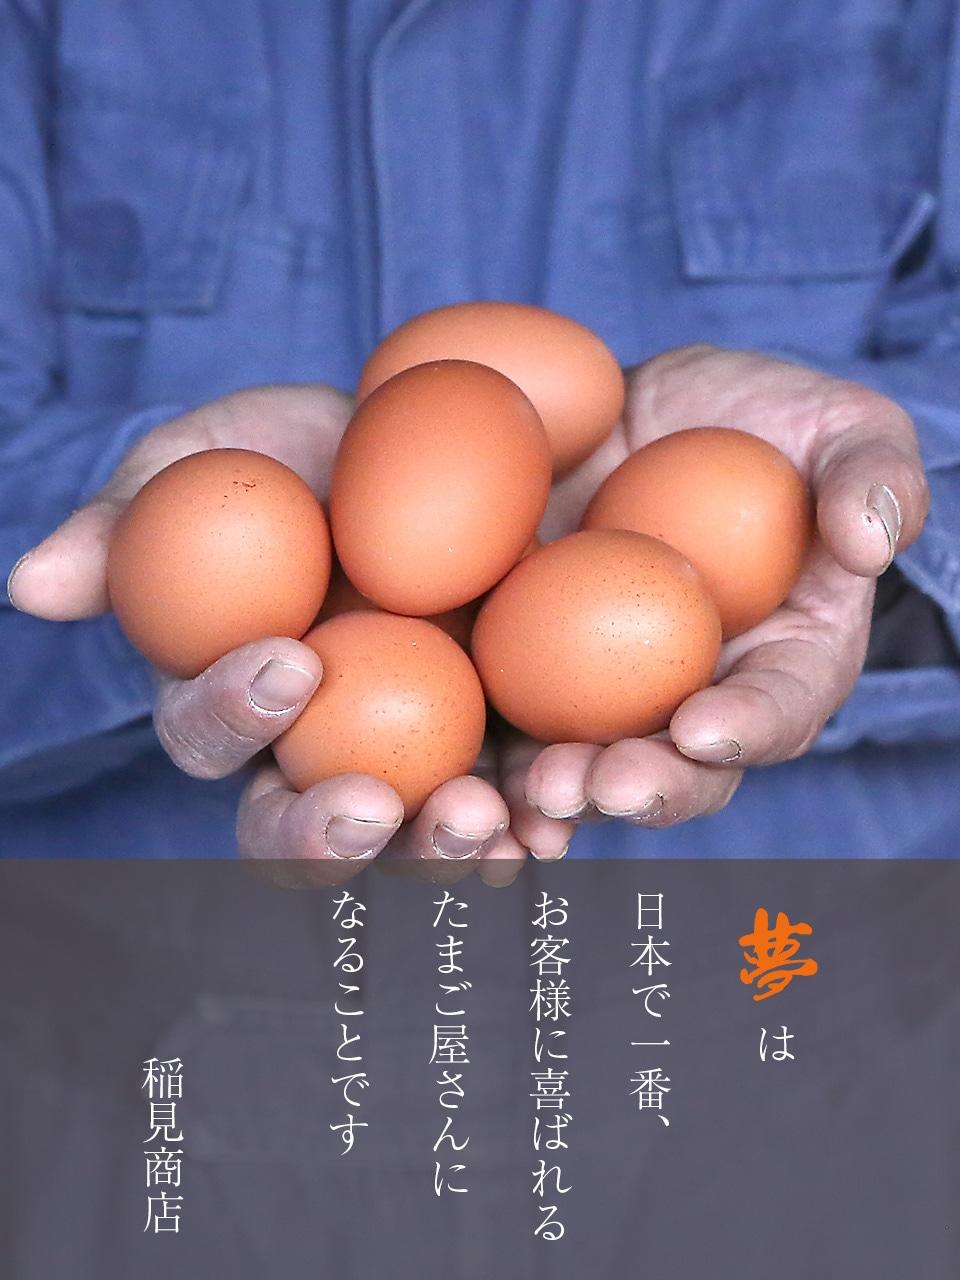 夢は日本で一番、お客様に喜ばれるたまご屋さんになることです 稲見商店